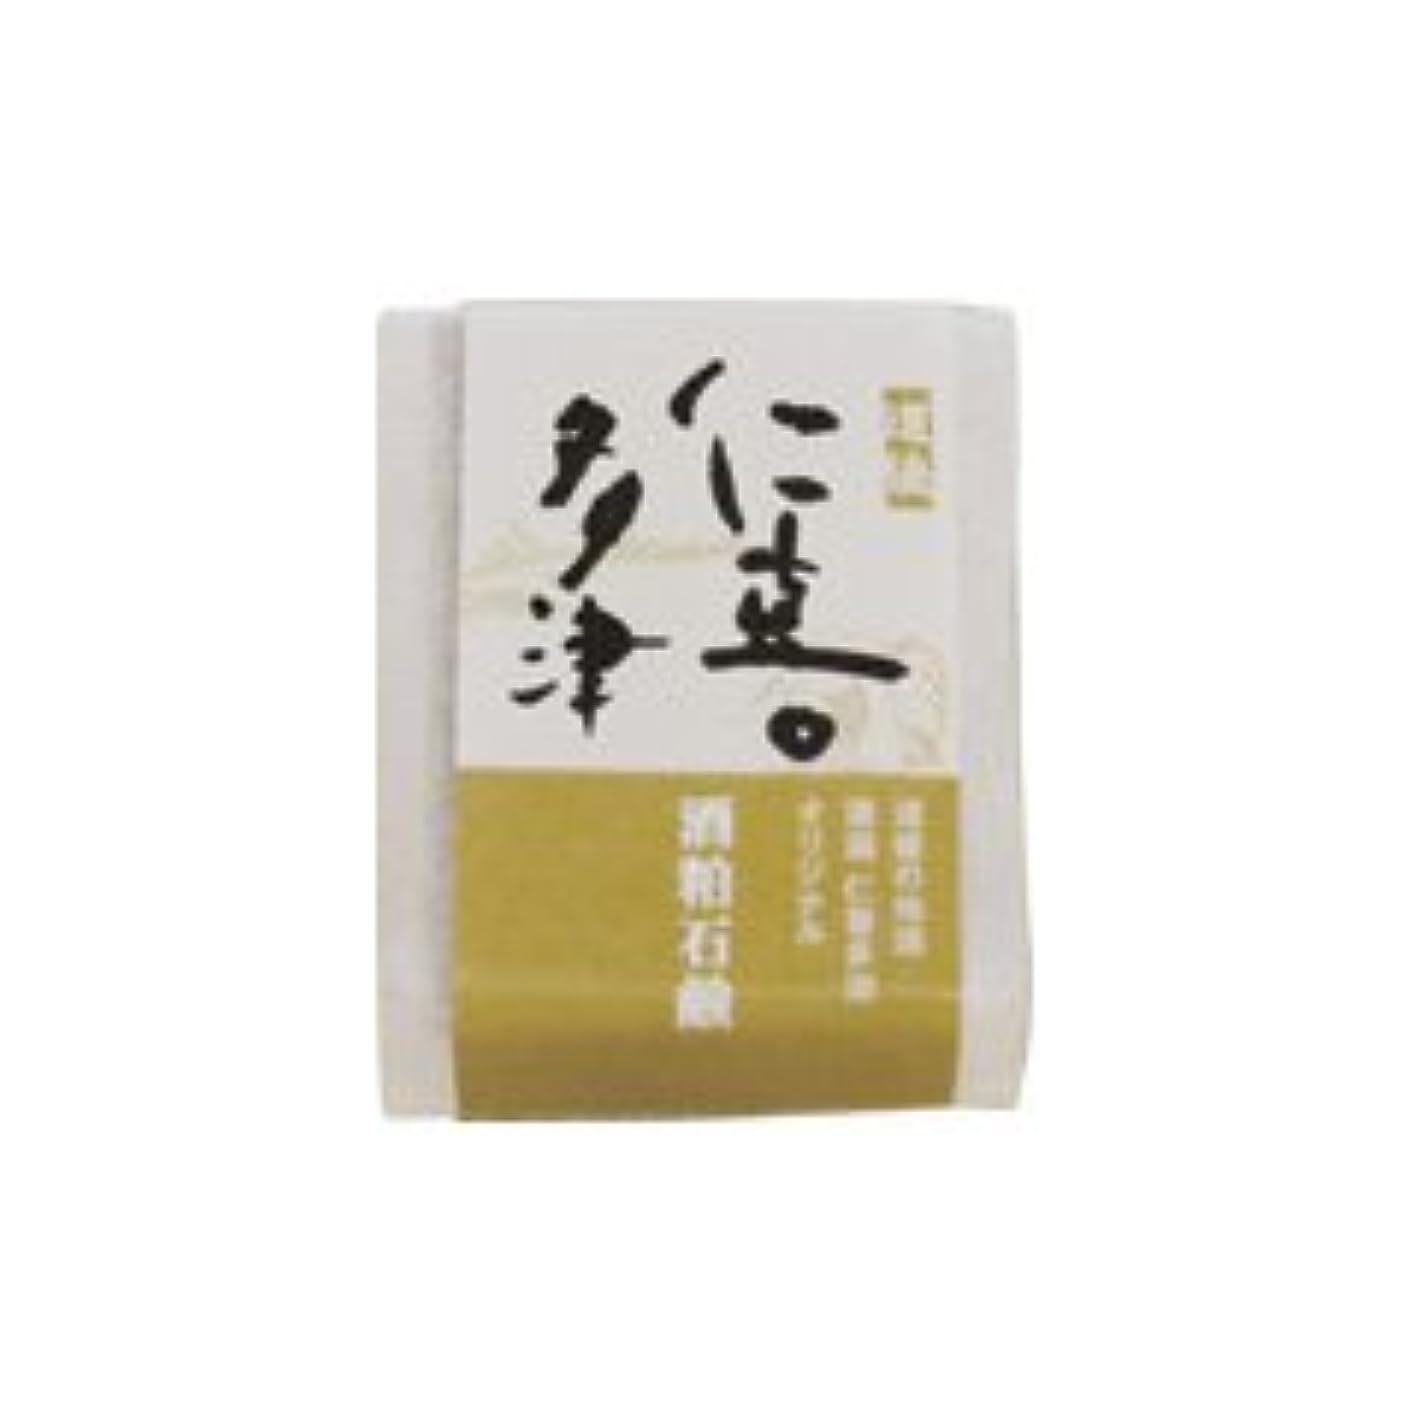 ピンクアフリカわかりやすい仁喜多津 オリジナル 酒粕石鹸 60g